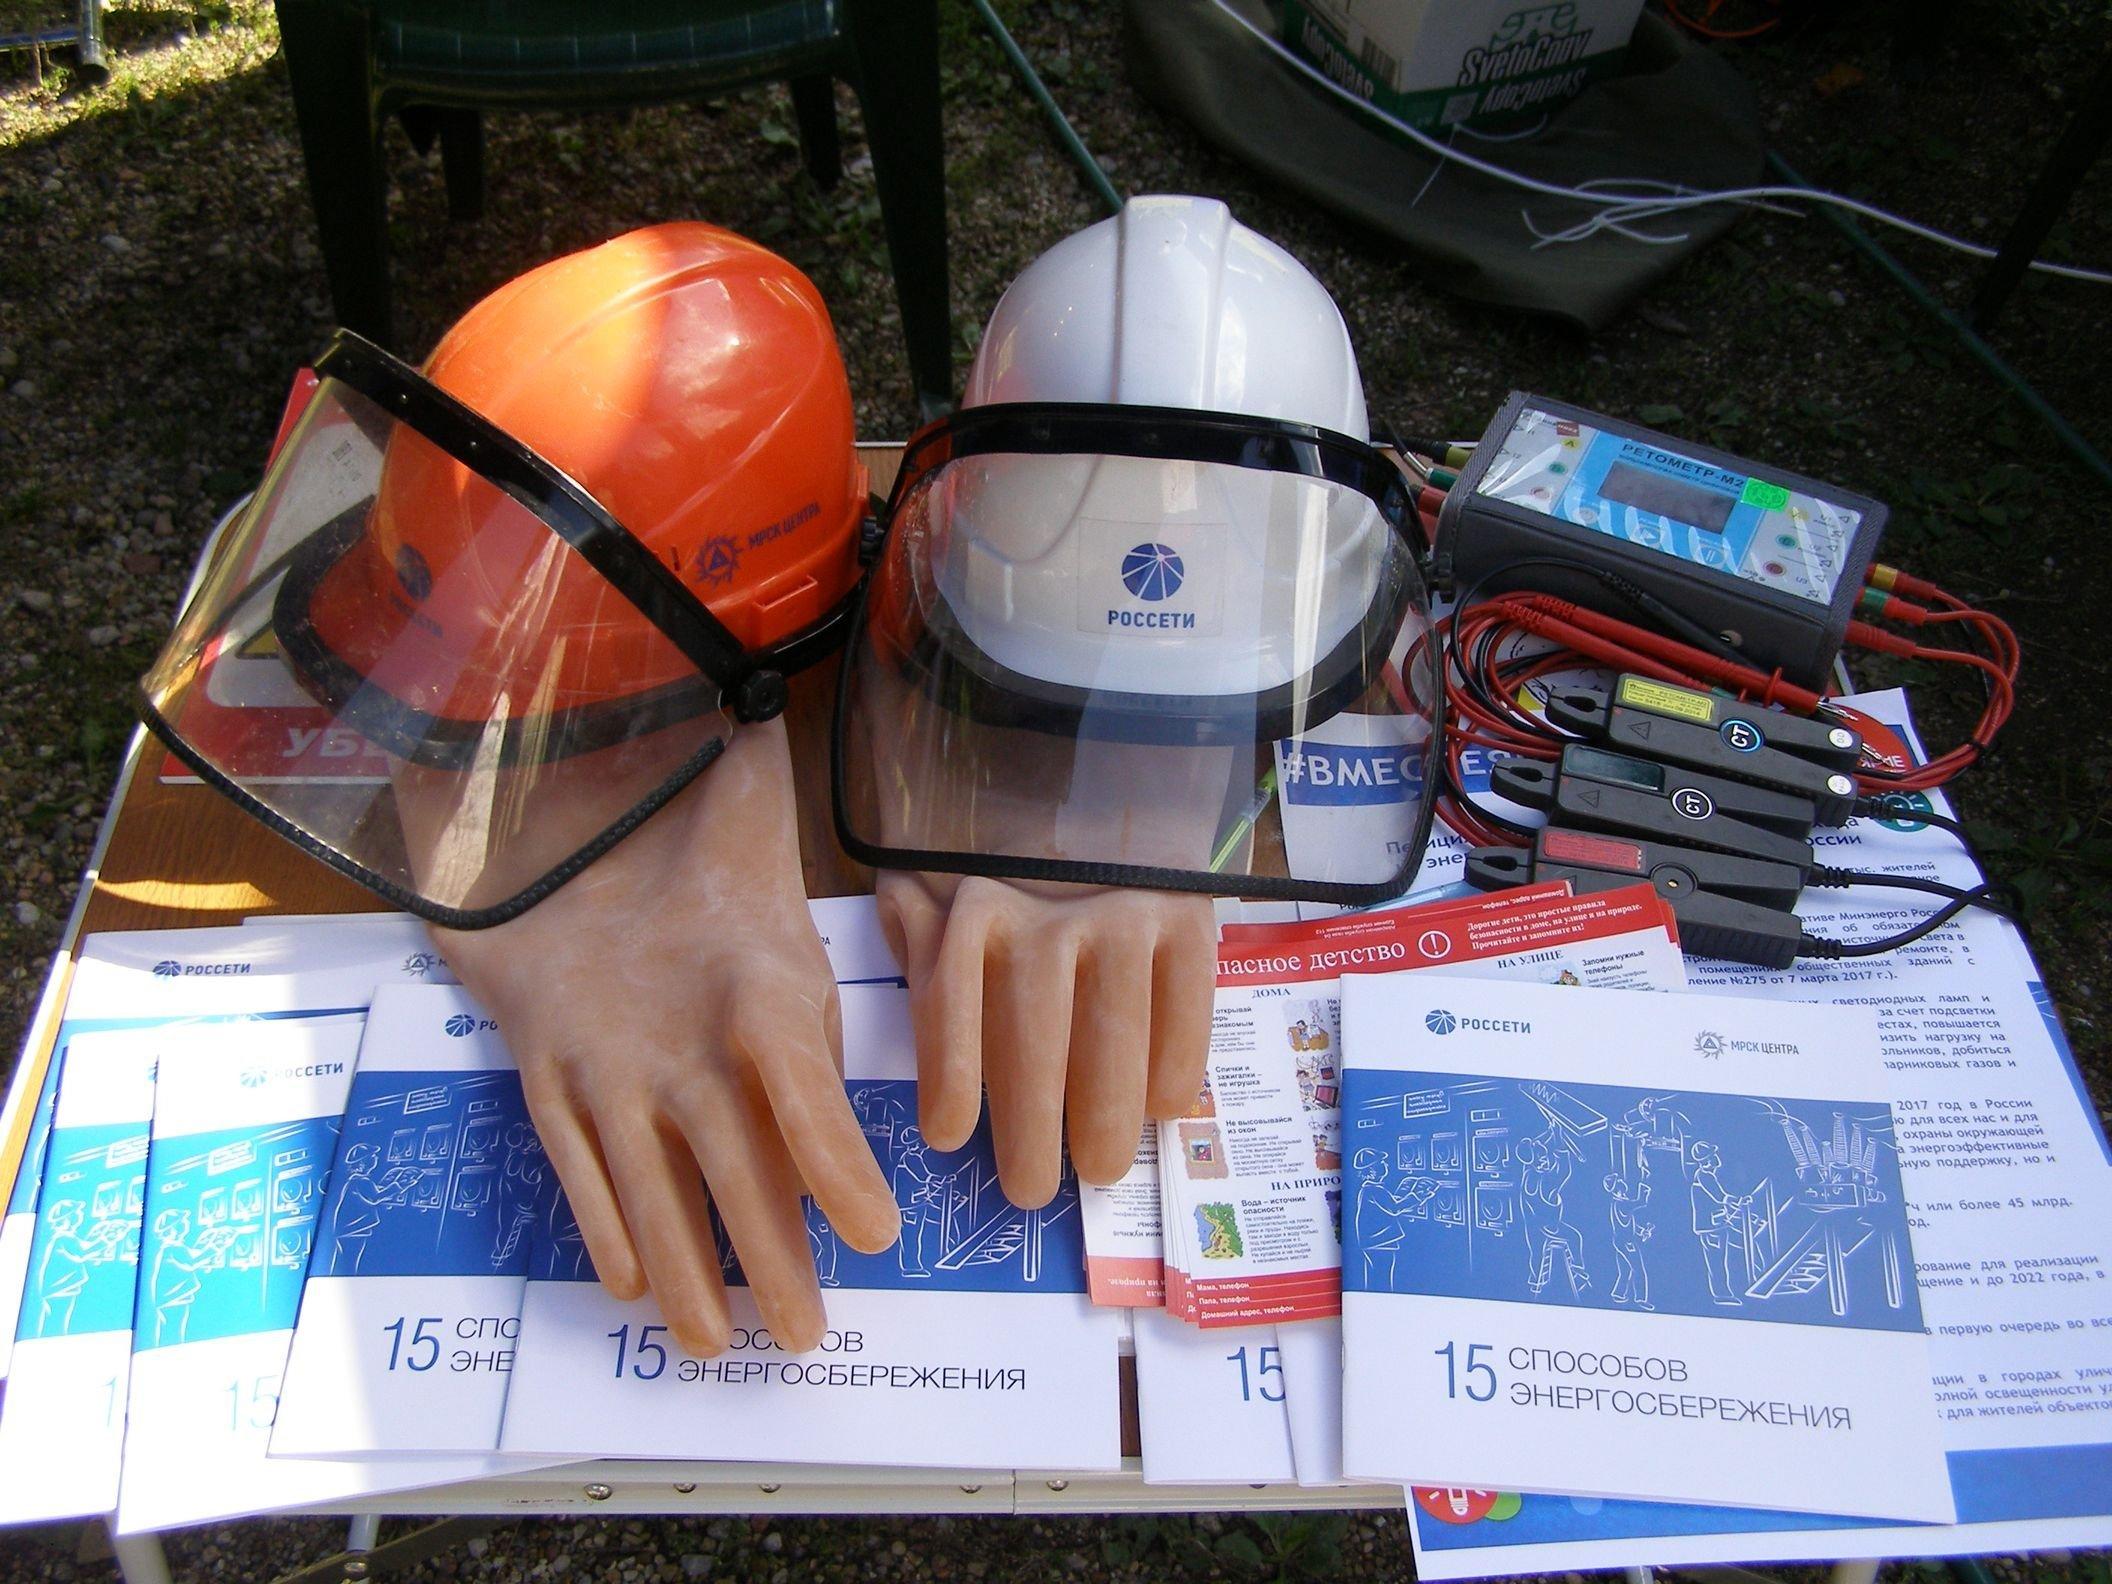 Сотрудники Смоленскэнерго обучают жителей области основам электробезопасности